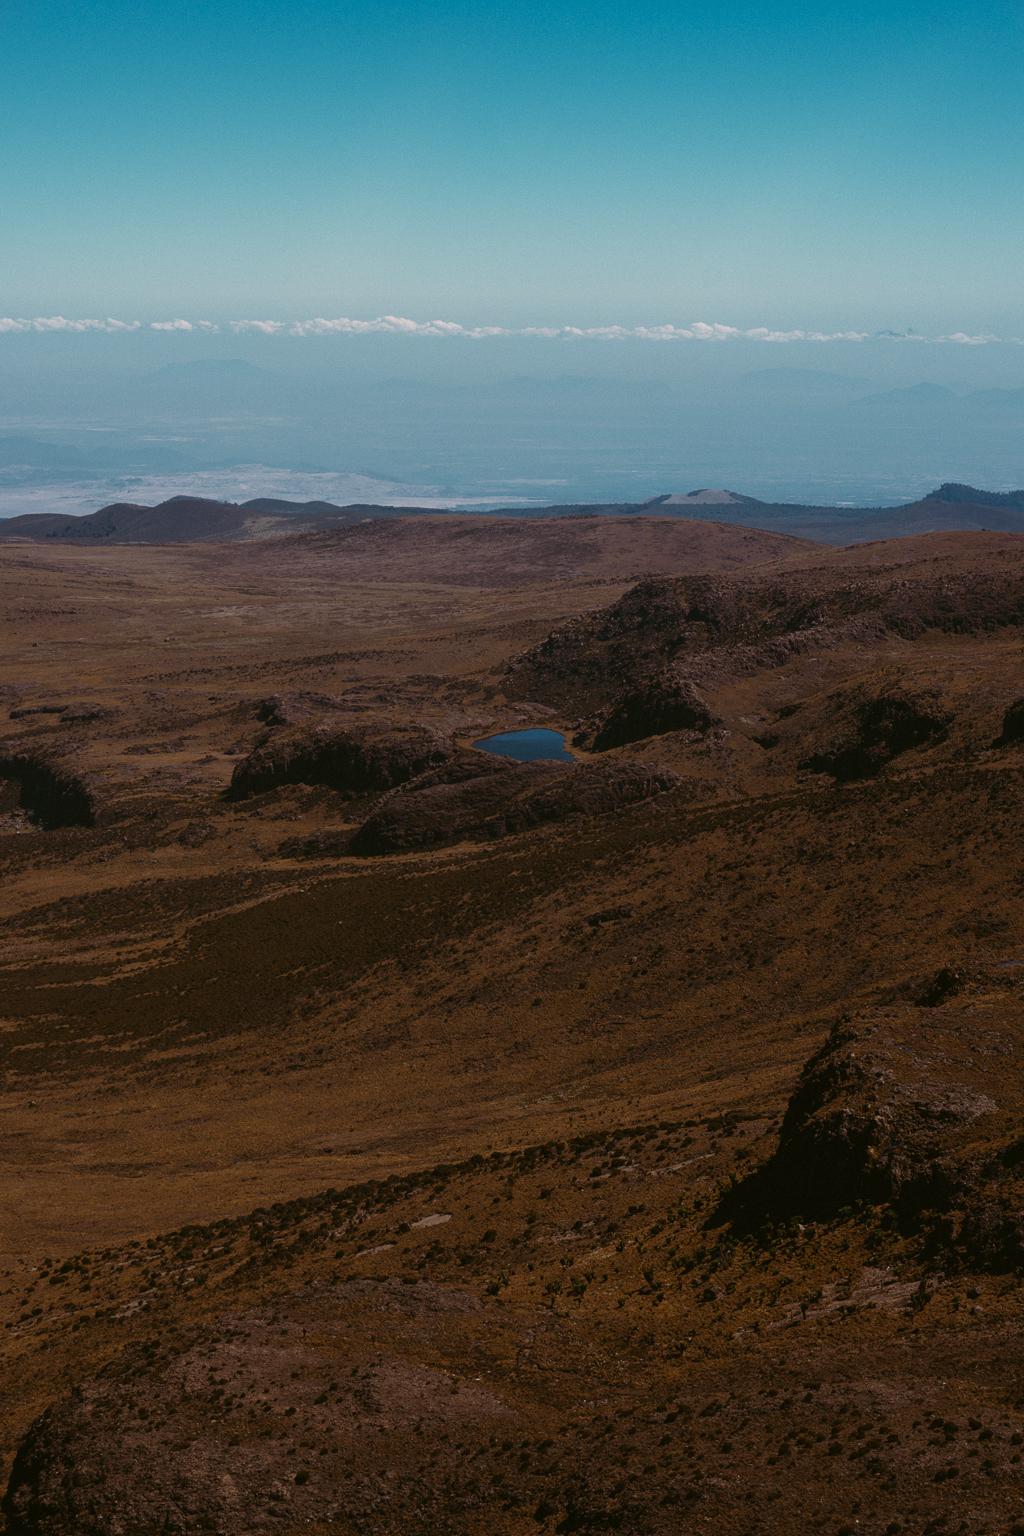 MT. KENYA 02